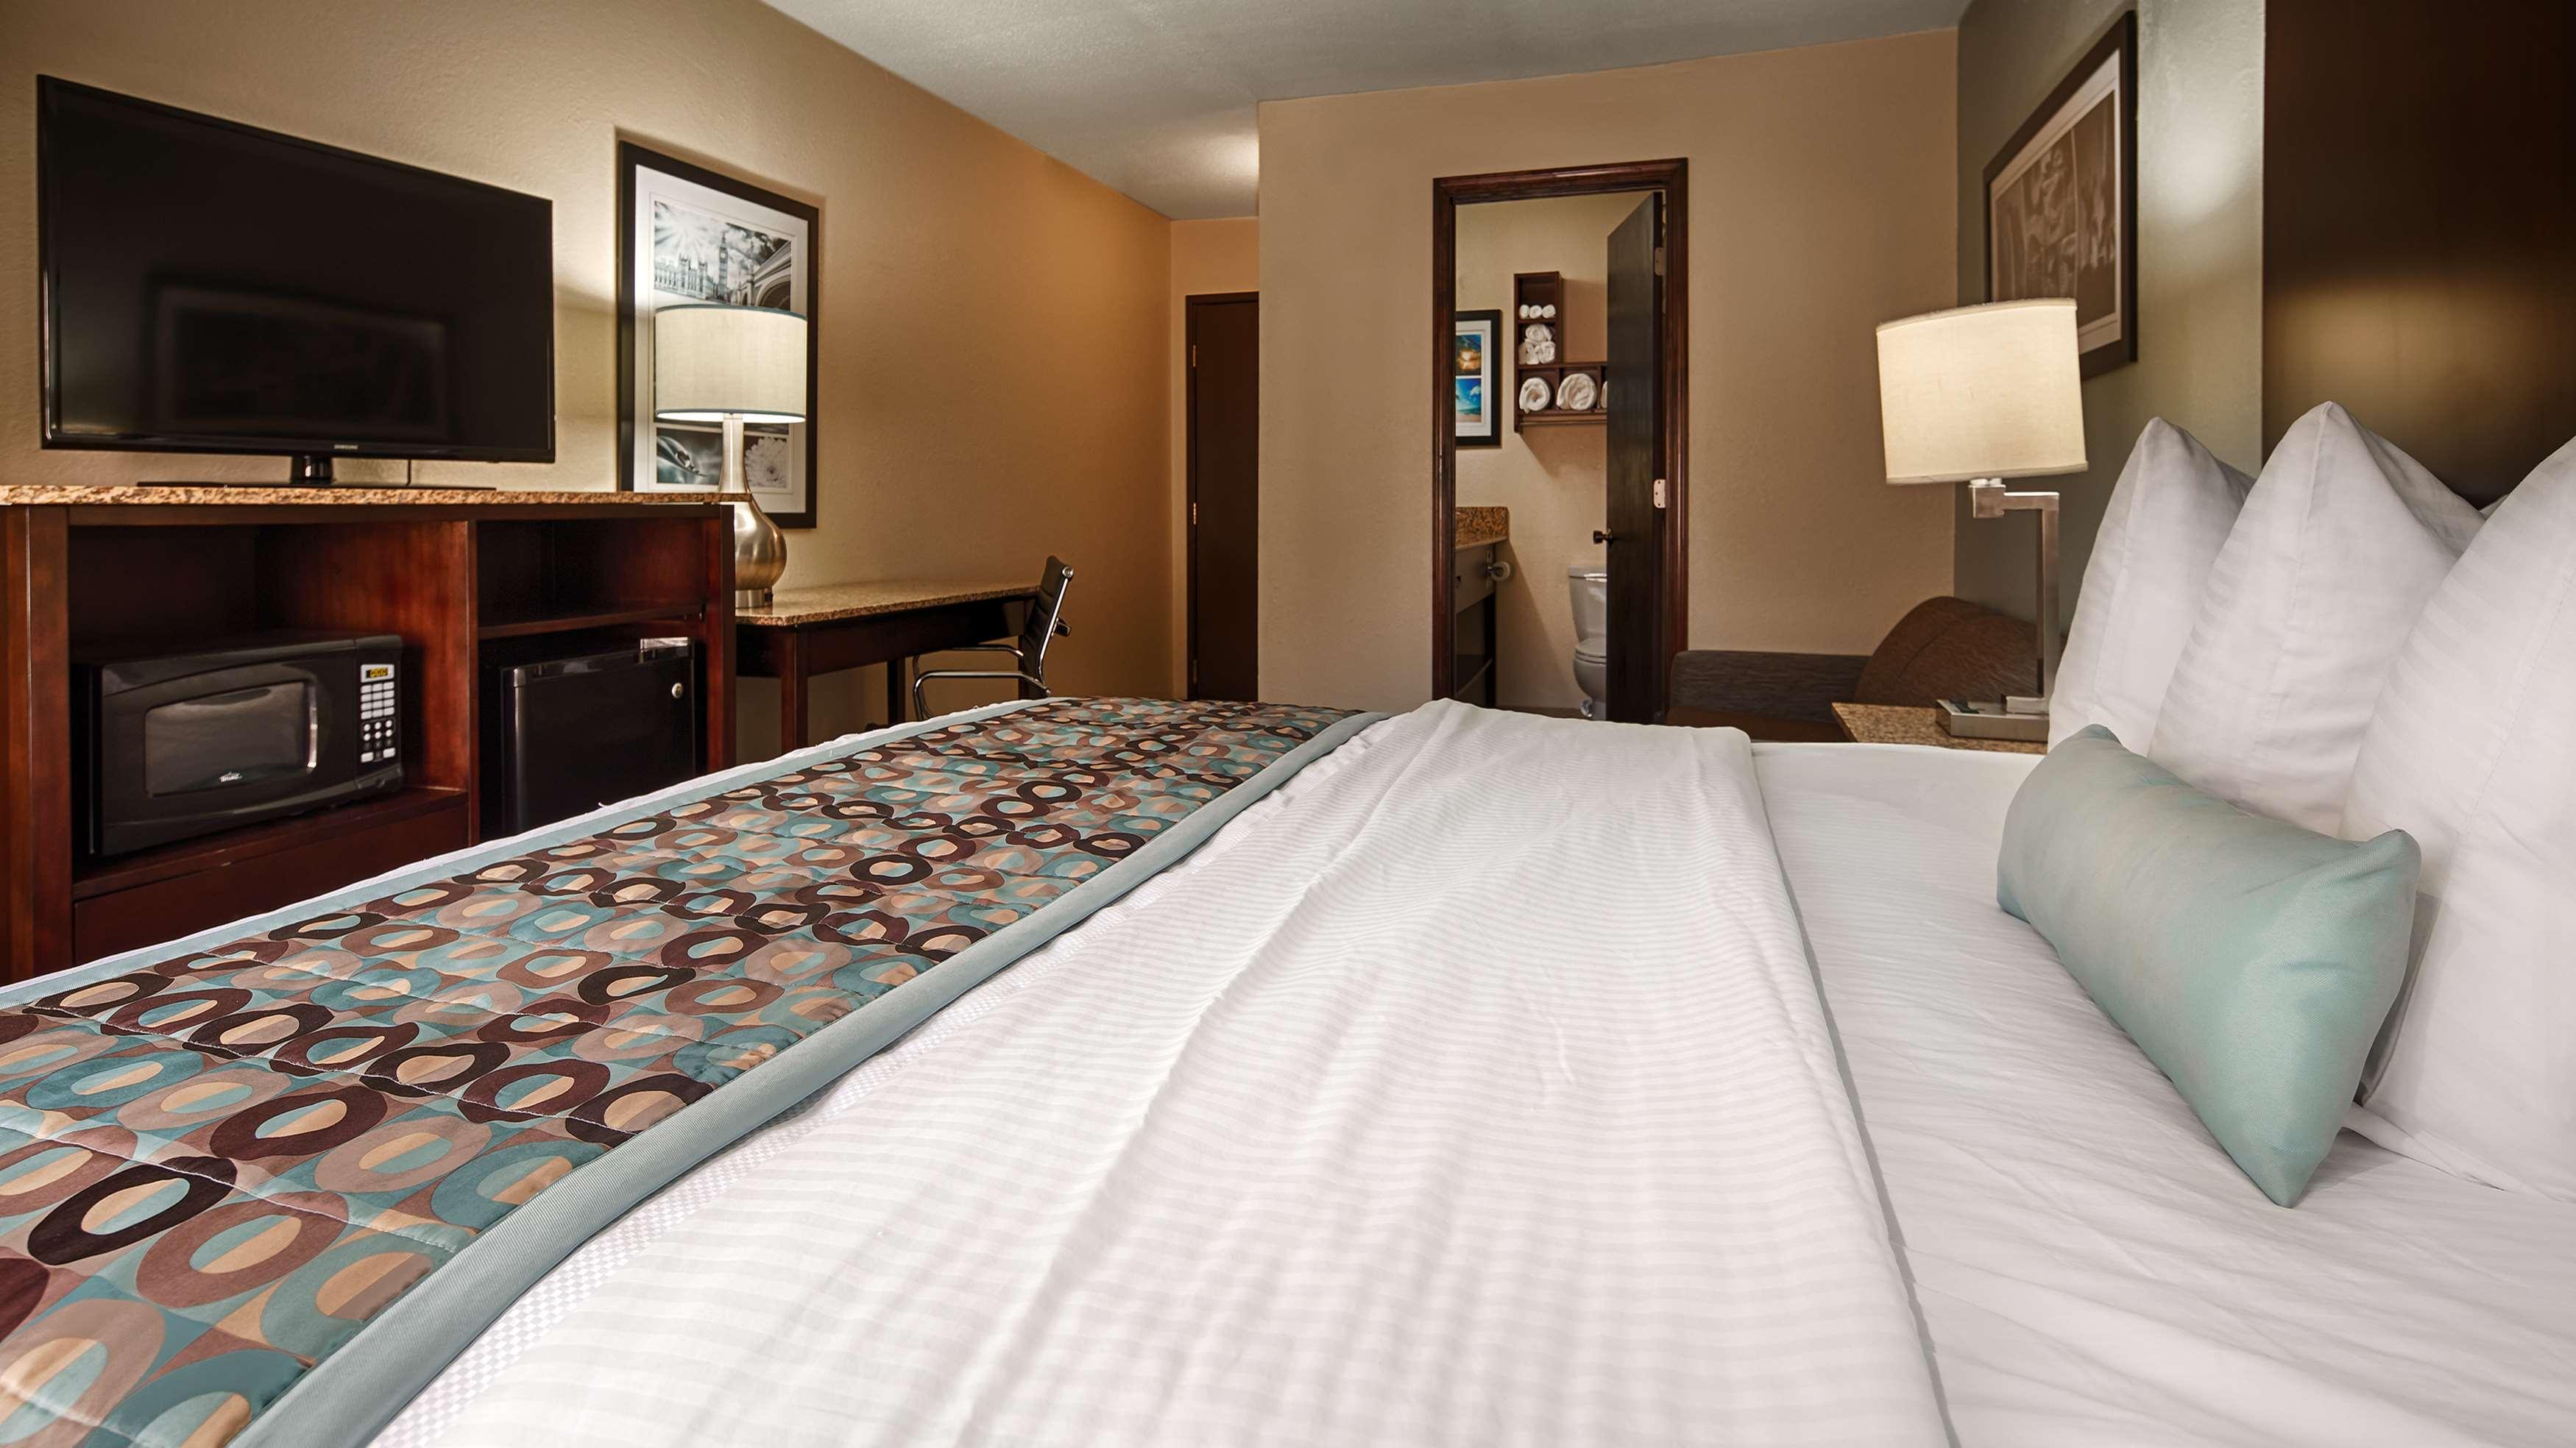 Best Western Plus Elizabeth City Inn & Suites image 43